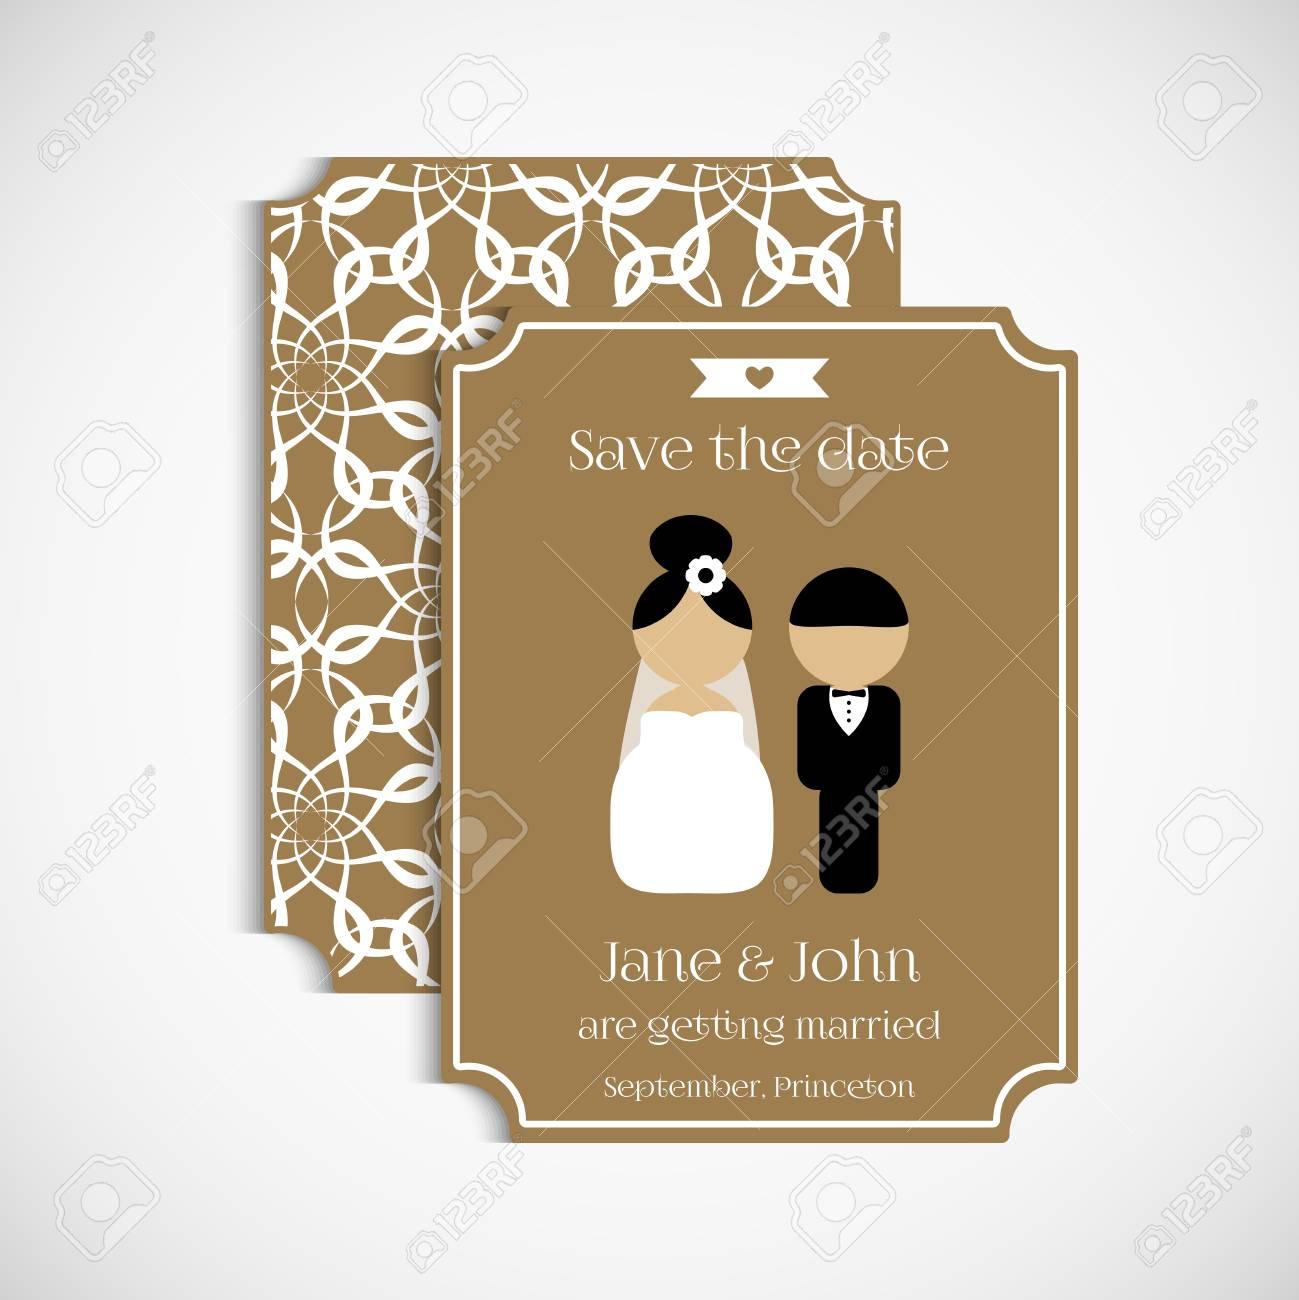 Conjunto De Invitaciones De Boda Vintage Florales Invitación De Boda Tarjeta Banner Etiqueta Evento De Matrimonio Los Iconos De La Novia Y El